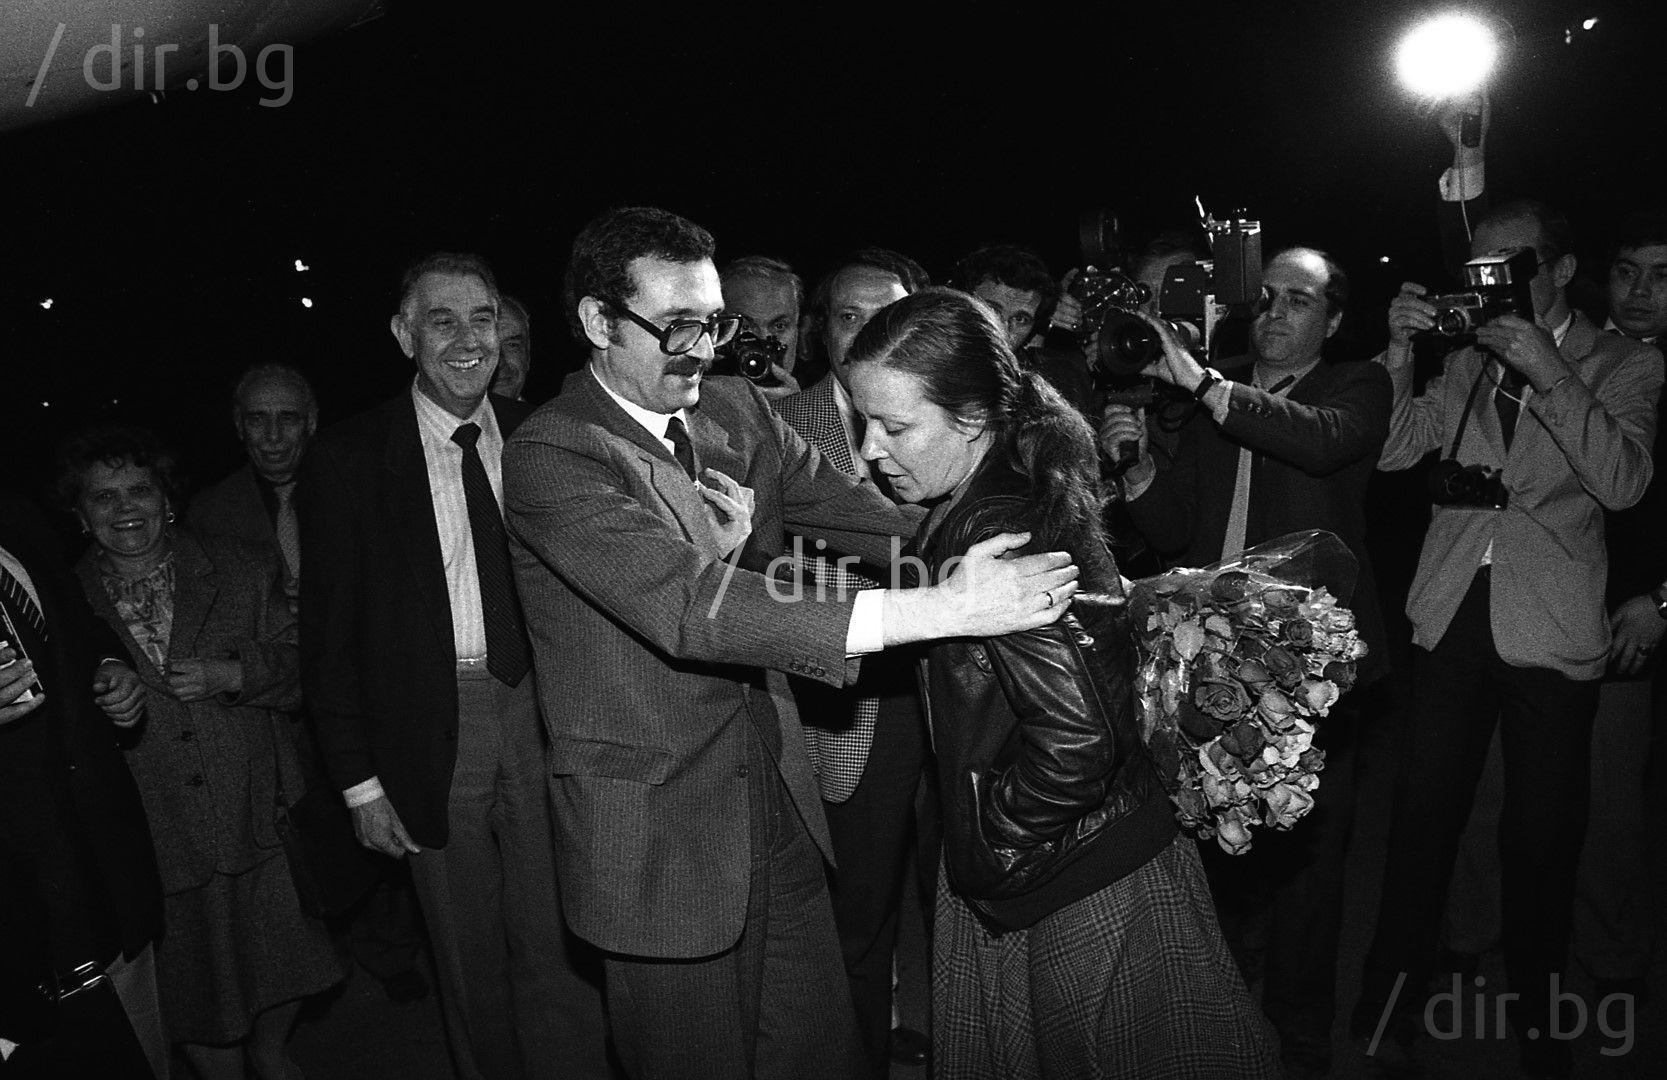 Посрещането на Сергей Антонов, 1 април 1986 г.